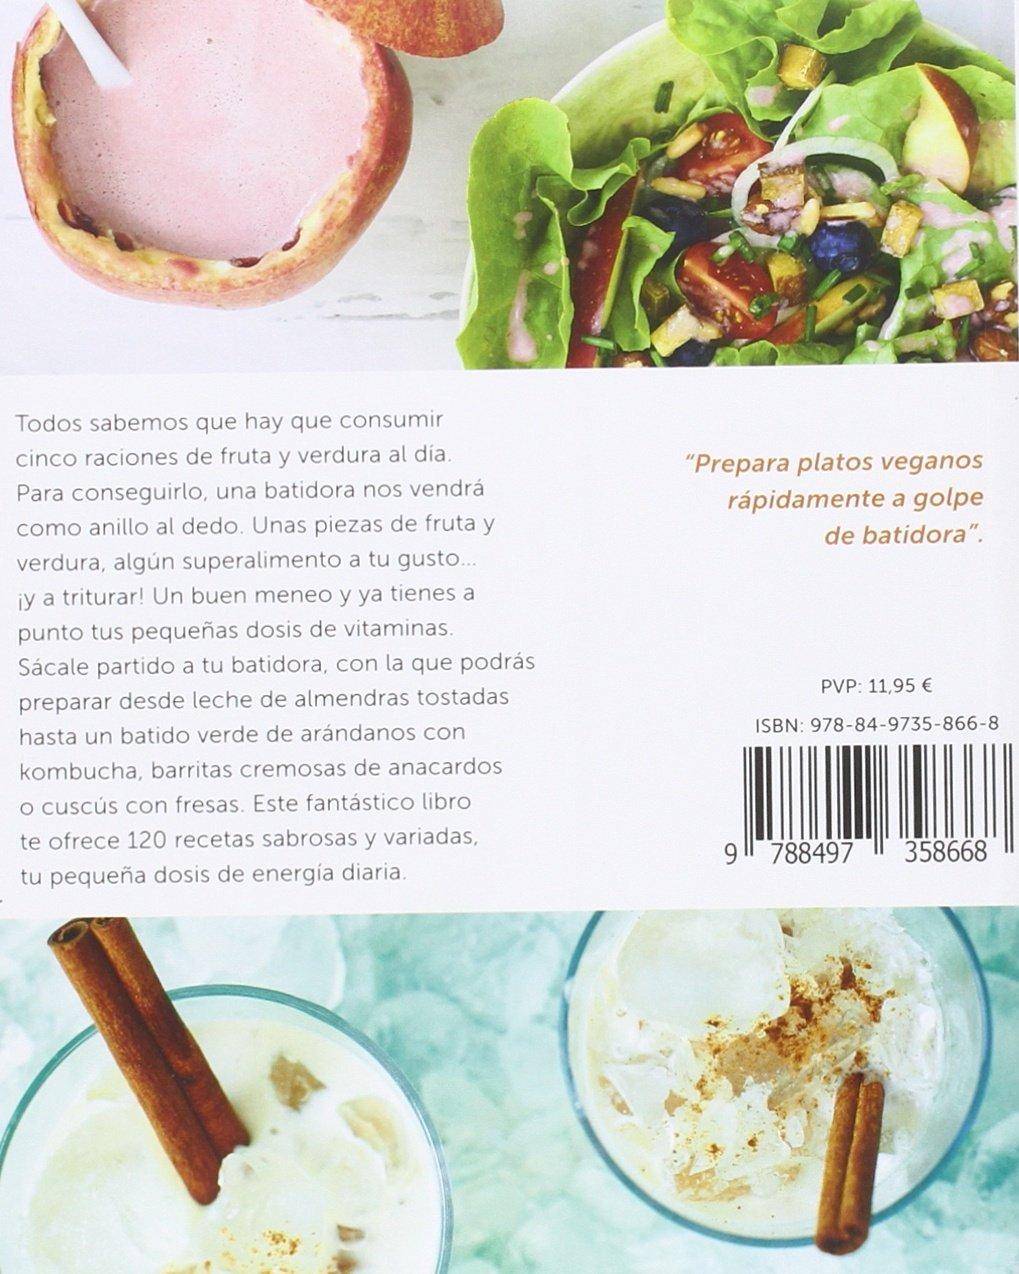 Mix It. Deliciosas Recetas Veganas Preparadas Con La Batidora: Amazon.es: Lena Suhr, Lidia Álvarez Grifoll: Libros